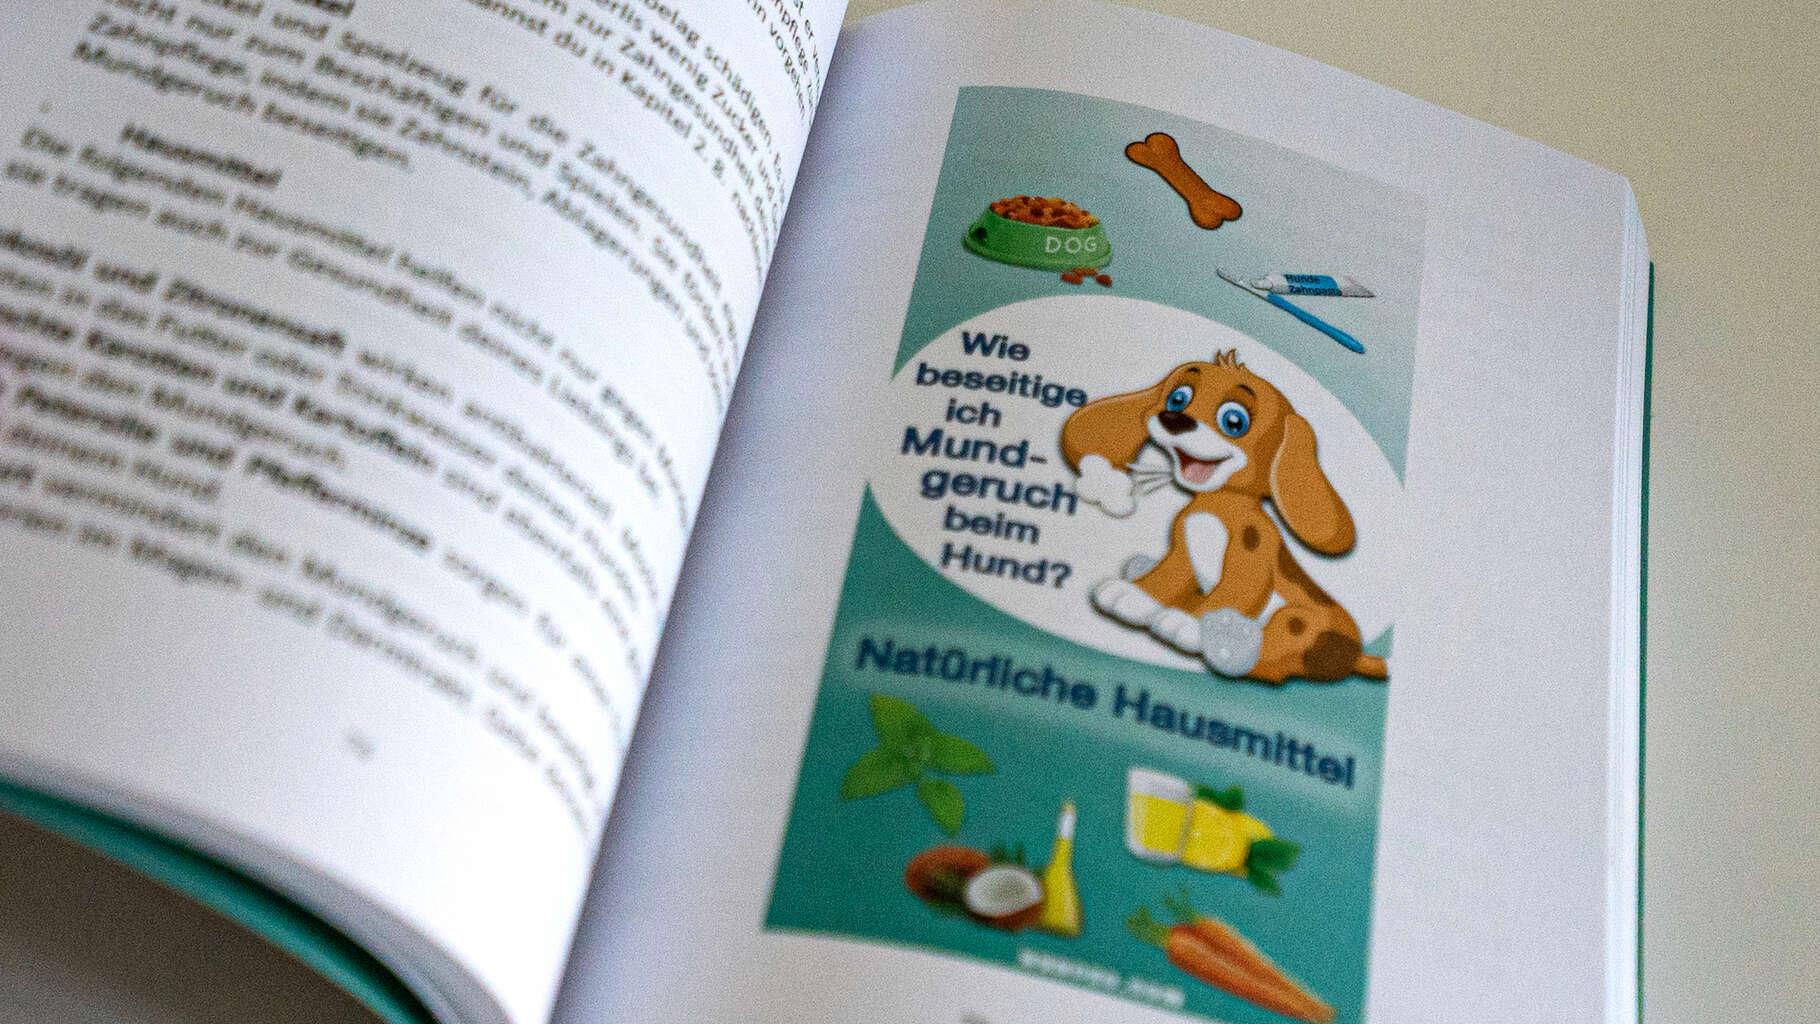 Hund-Mundgeruch